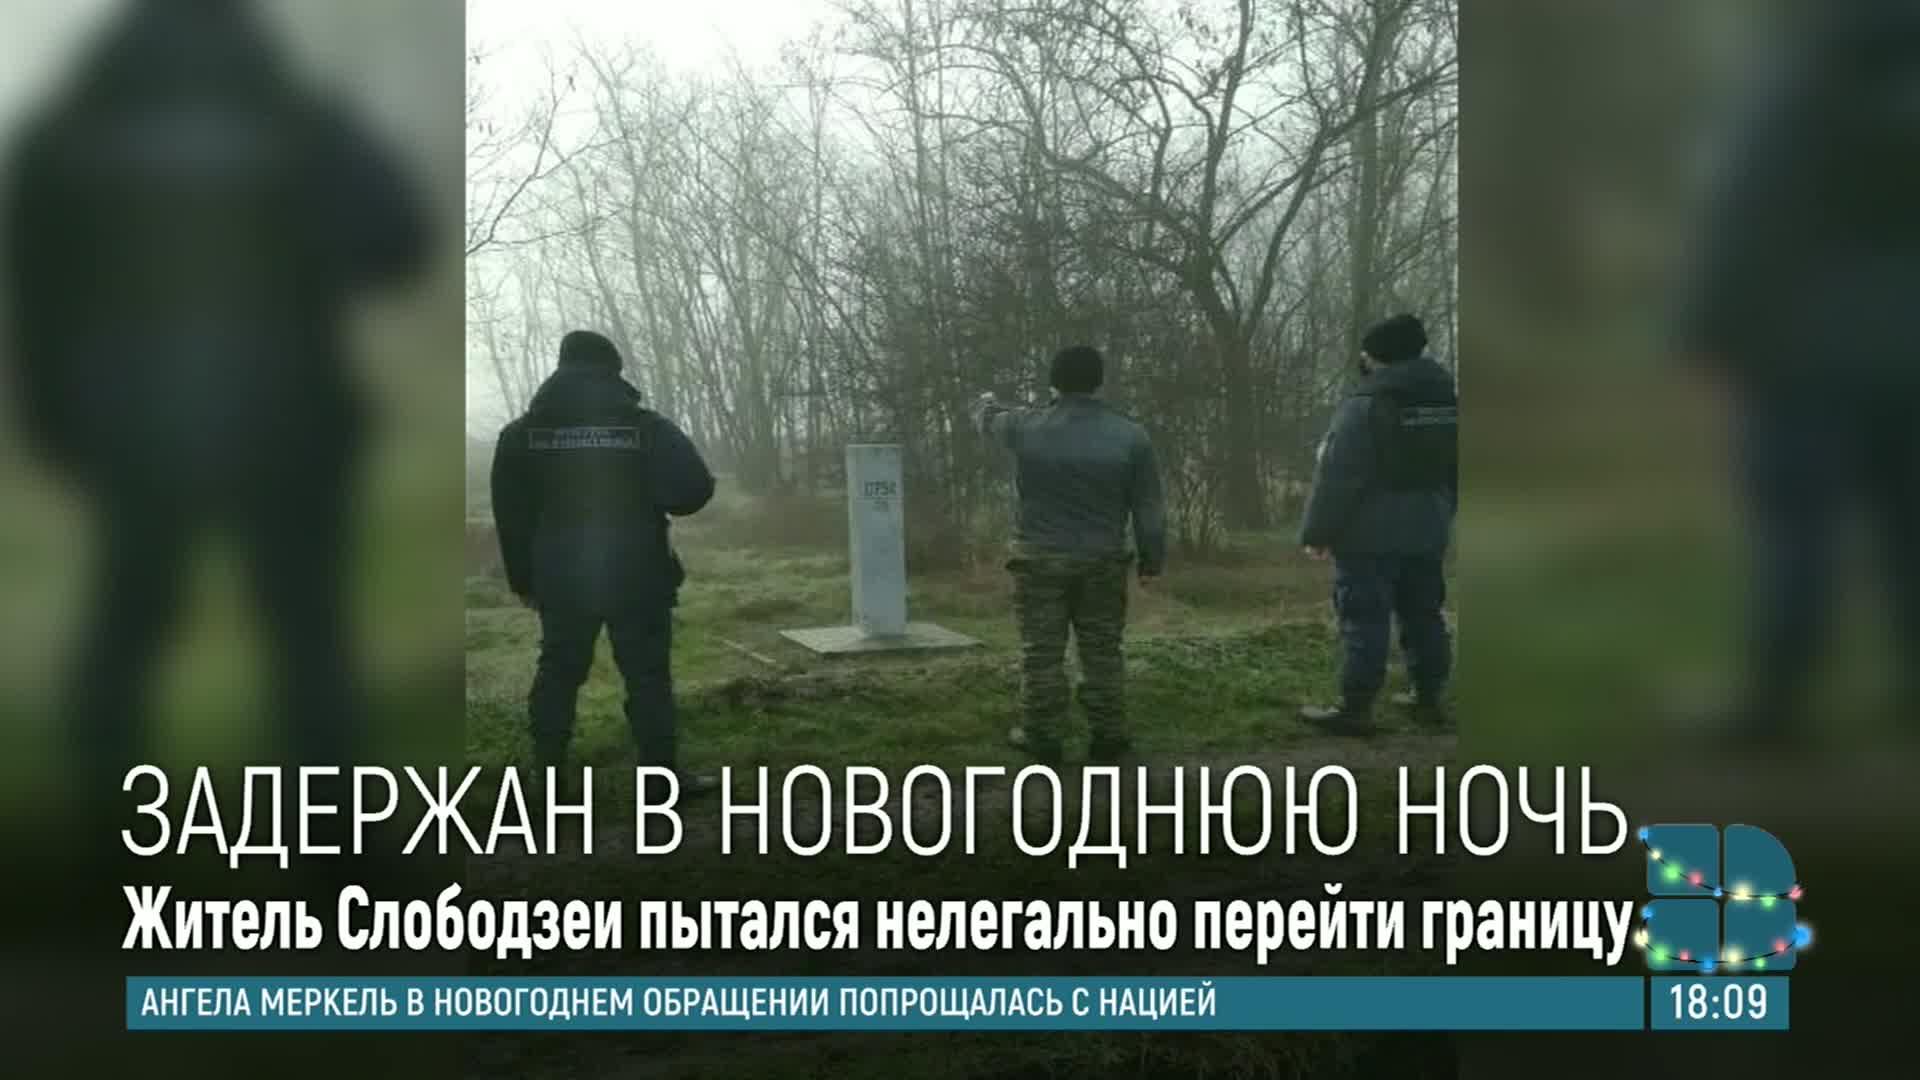 Житель Слободзеи пытался в новогоднюю ночь незаконно перейти молдавско-украинскую границу